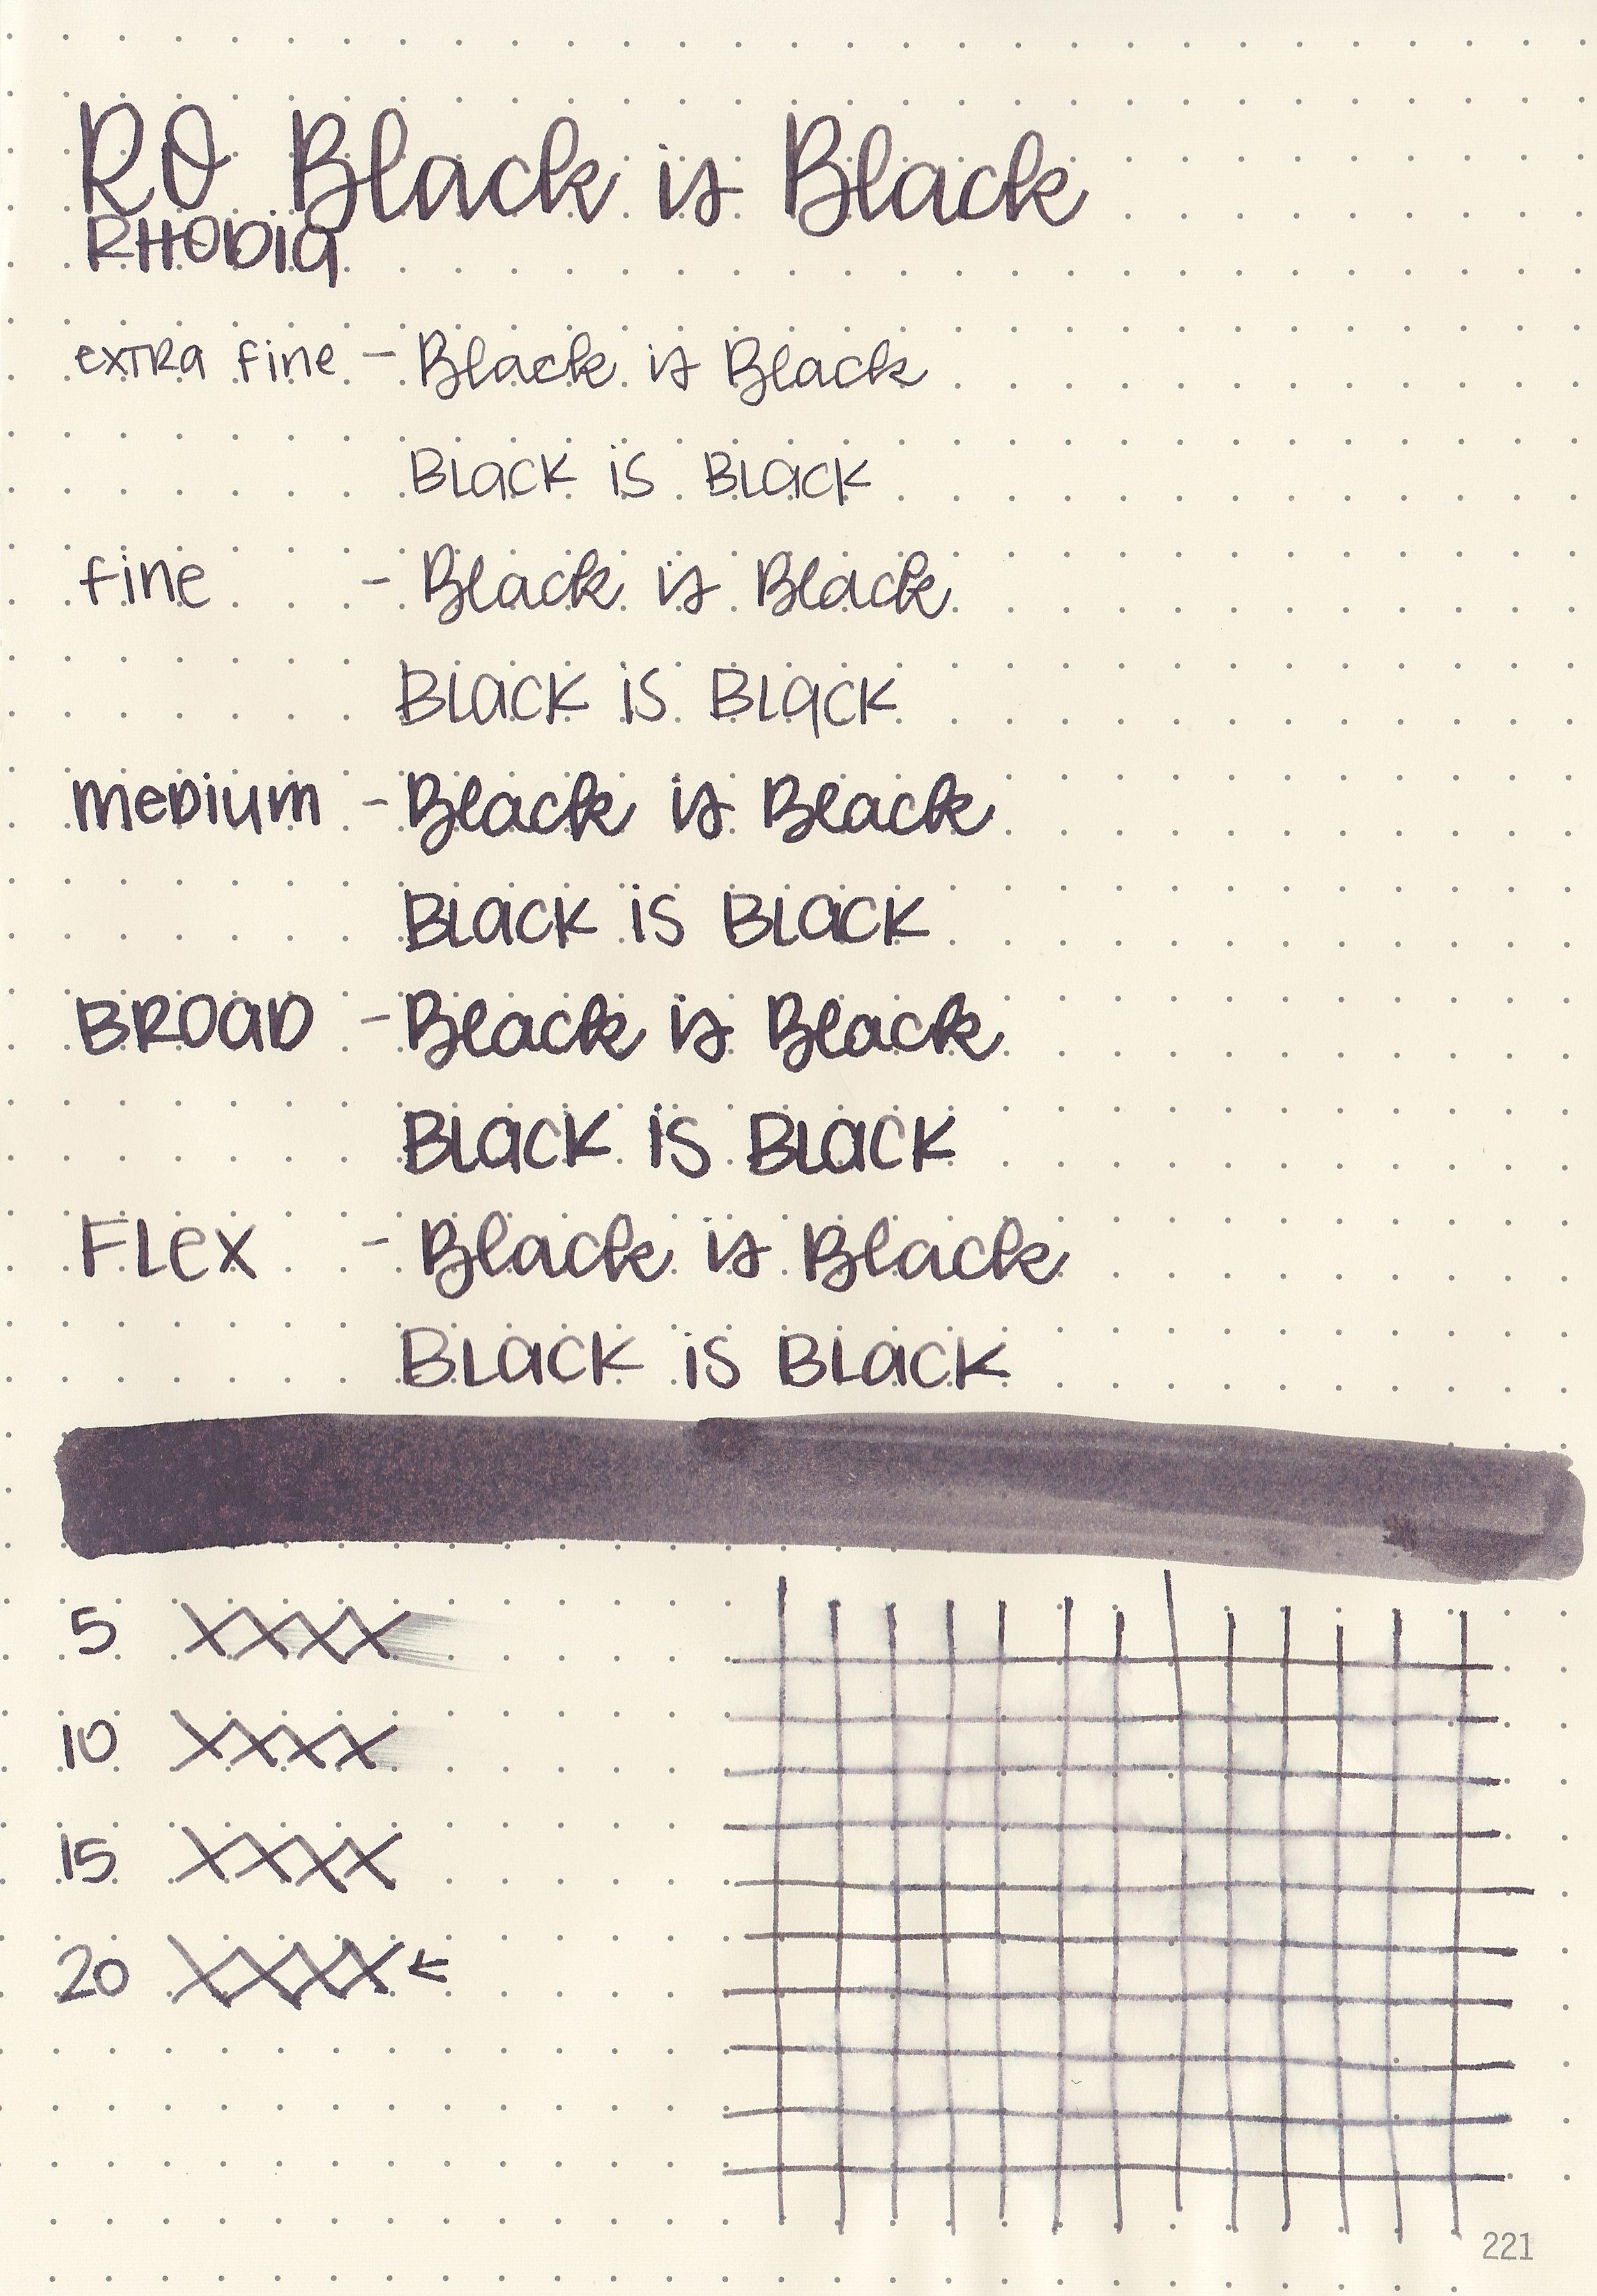 ro-black-is-black-5.jpg